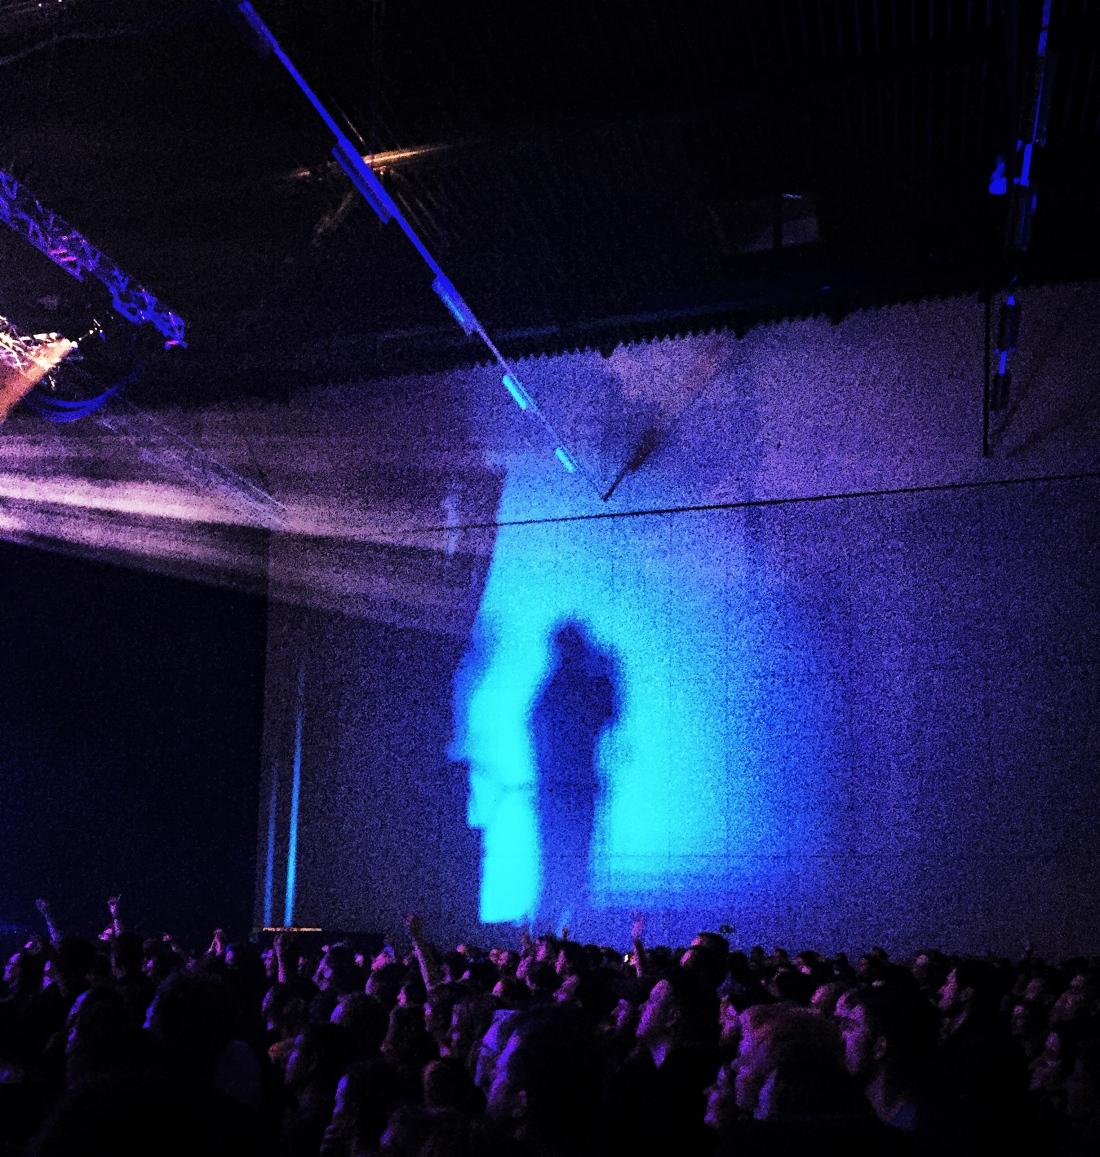 Ein Schatten einer Person in blauem Licht an einer Wand, darunter die Köpfe vieler Menschen.